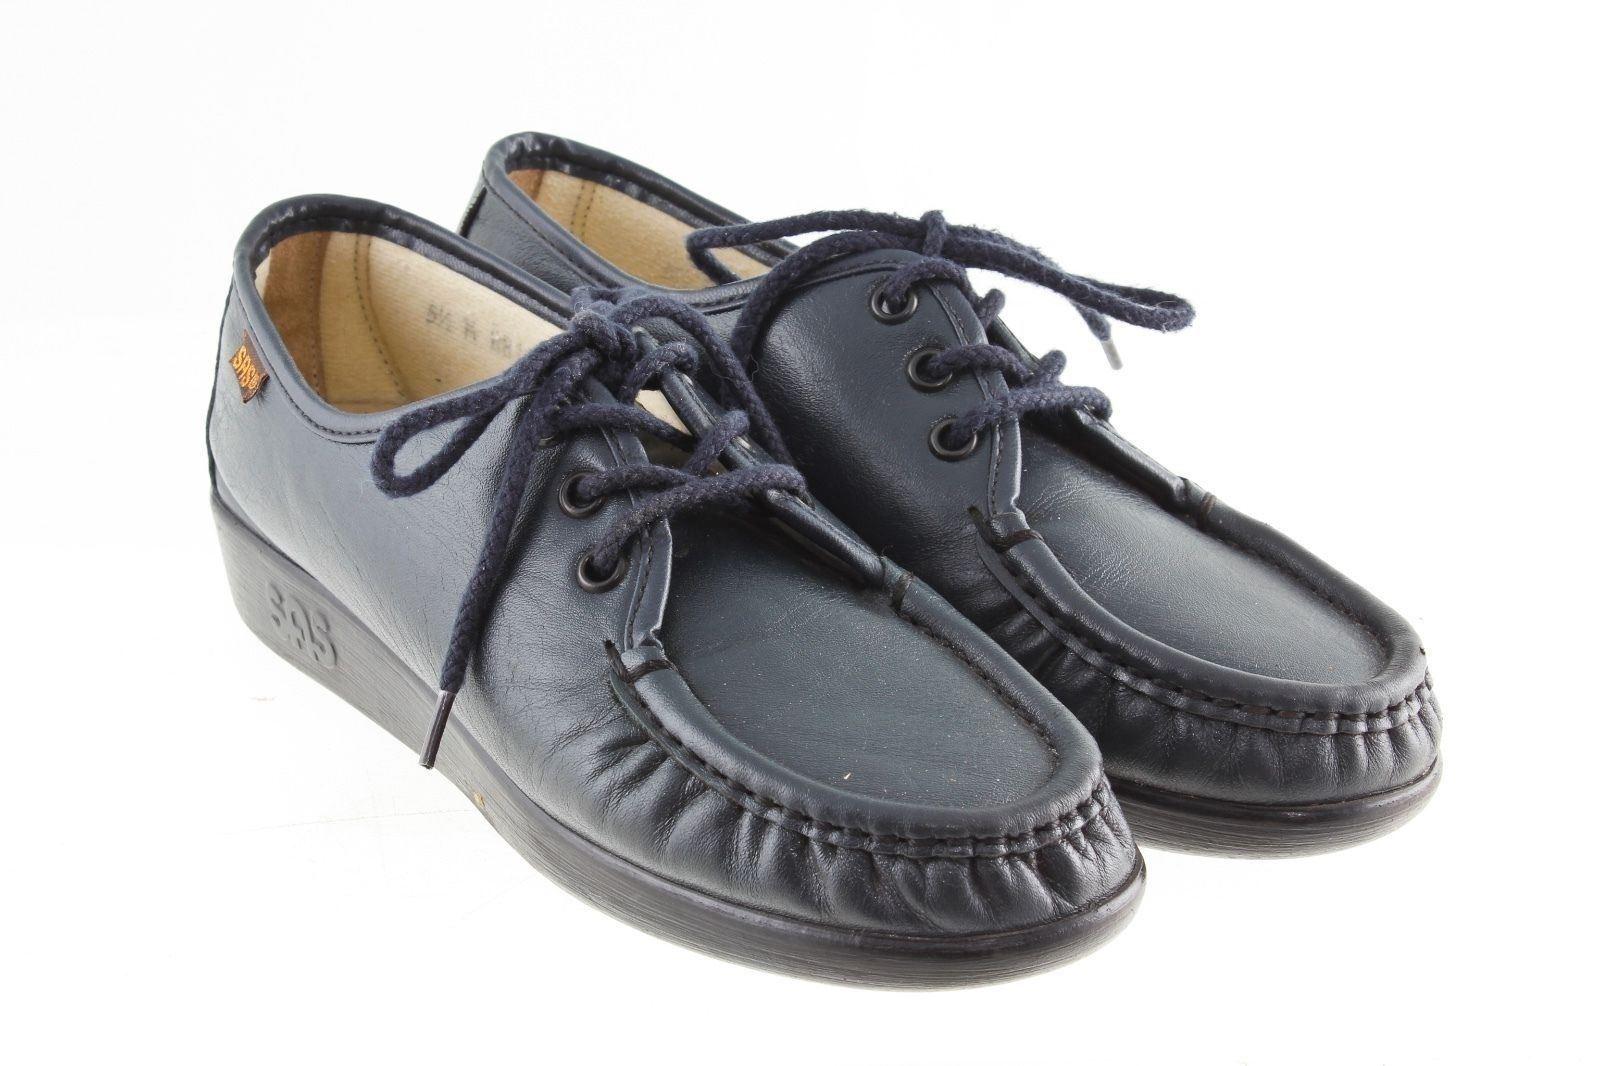 SAS Siesta Negro Cuero Oxford Zapatos Mujer Mujer Mujer 5.5 M Con Cordones cosida a mano Hecho en EE. UU.  el estilo clásico